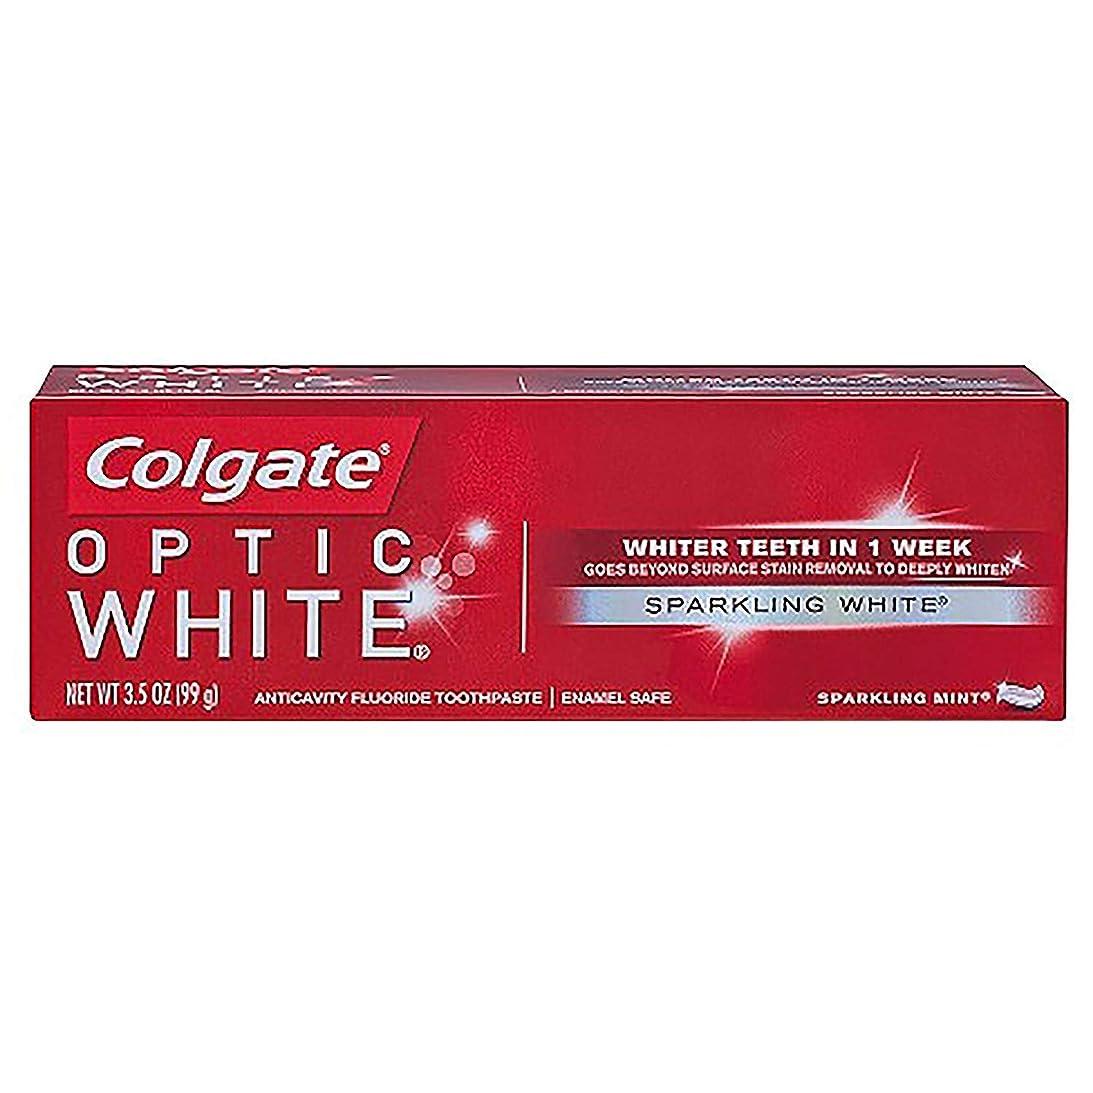 トレッドジャーナリスト時制コルゲート ホワイトニング Colgate Optic White Sparkling White 99g 白い歯 歯磨き粉 ミント